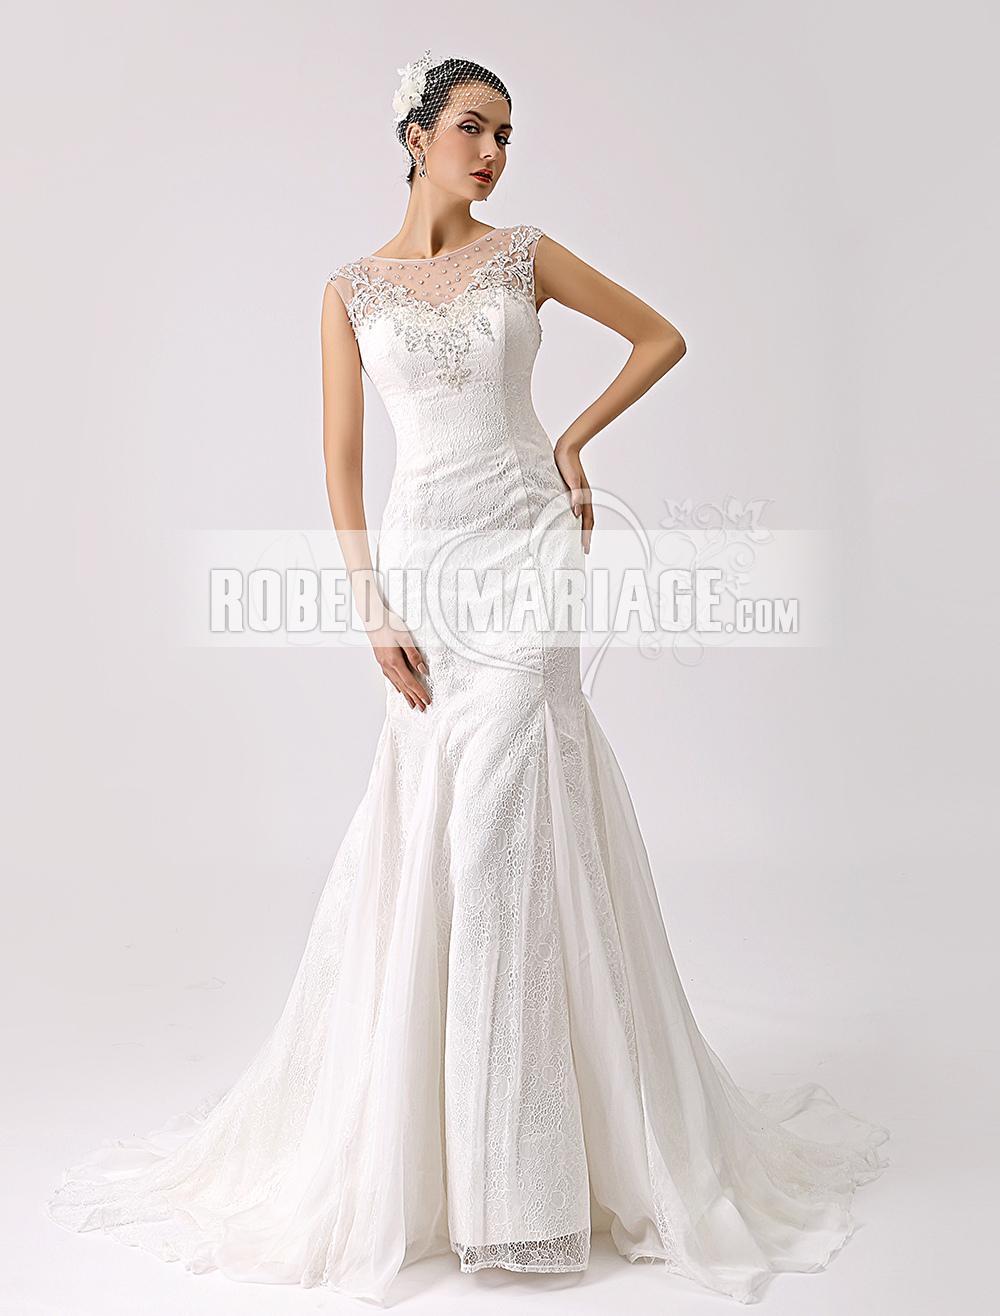 Robes de mariage Col rond robe de mariée sirène dentelle tulle applique ornée de strass